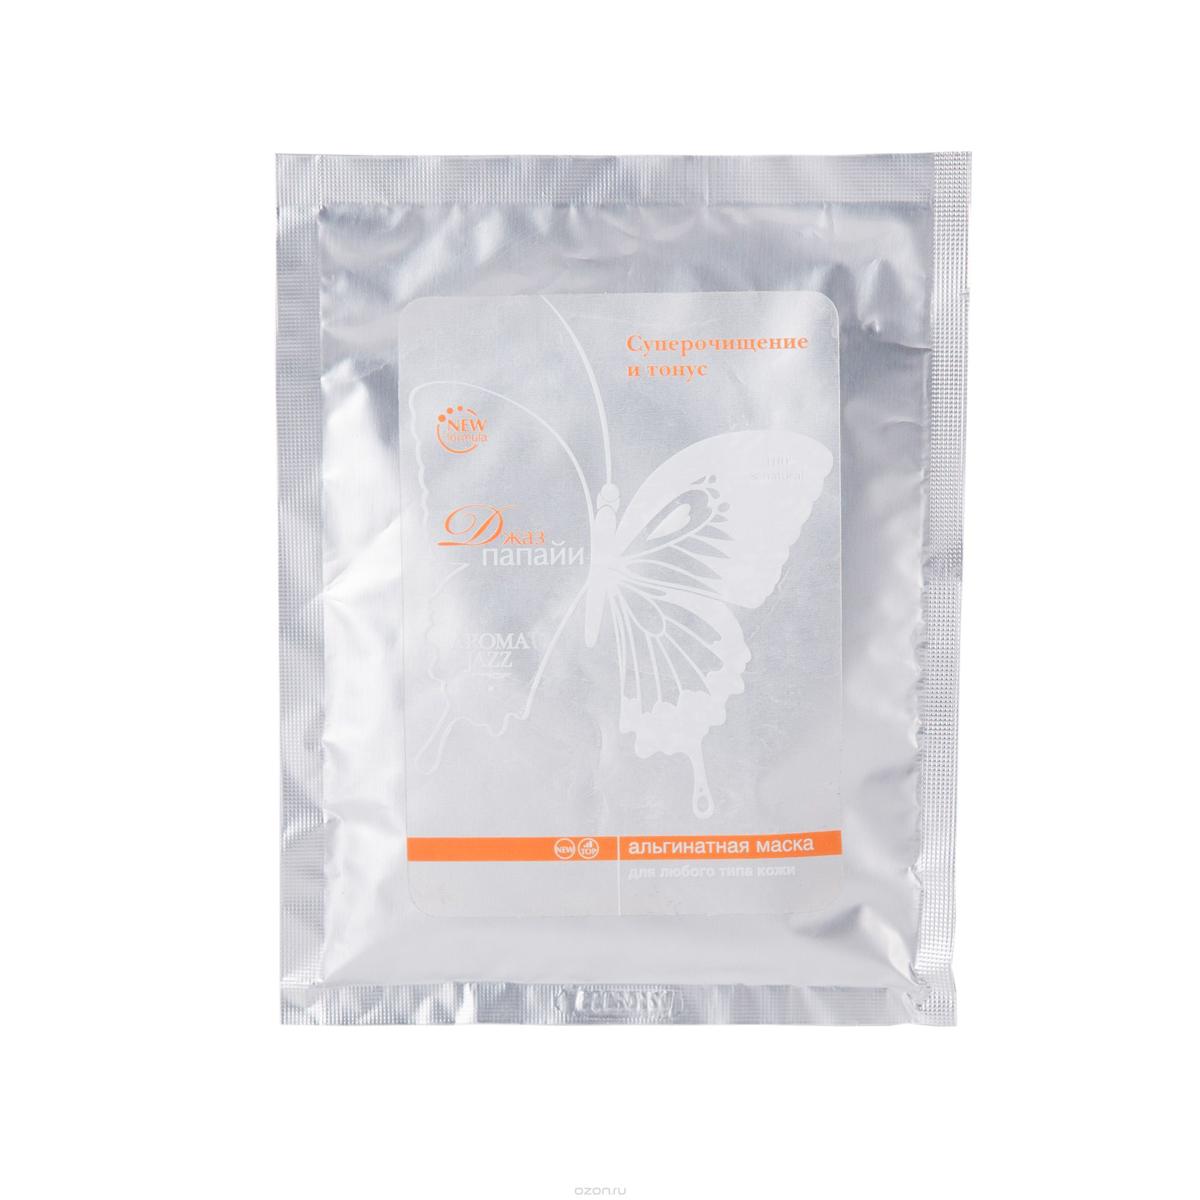 Aroma Jazz Пластифицирующая альгинатная маска для лица Джаз папайи, 100 мл2822tДействие: маска способствует глубокому очищению и улучшению цвета кожи, обладает отшелушивающим действием, активизирует обновление клеток кожи, выравнивает структуру кожи и тонизирует ее. Маска не требует смывания водой. Через 30 минут она легко снимается в виде мягкого пластичного слепка. Противопоказания: индивидуальная непереносимость компонентов. Срок хранения: 24 месяца.